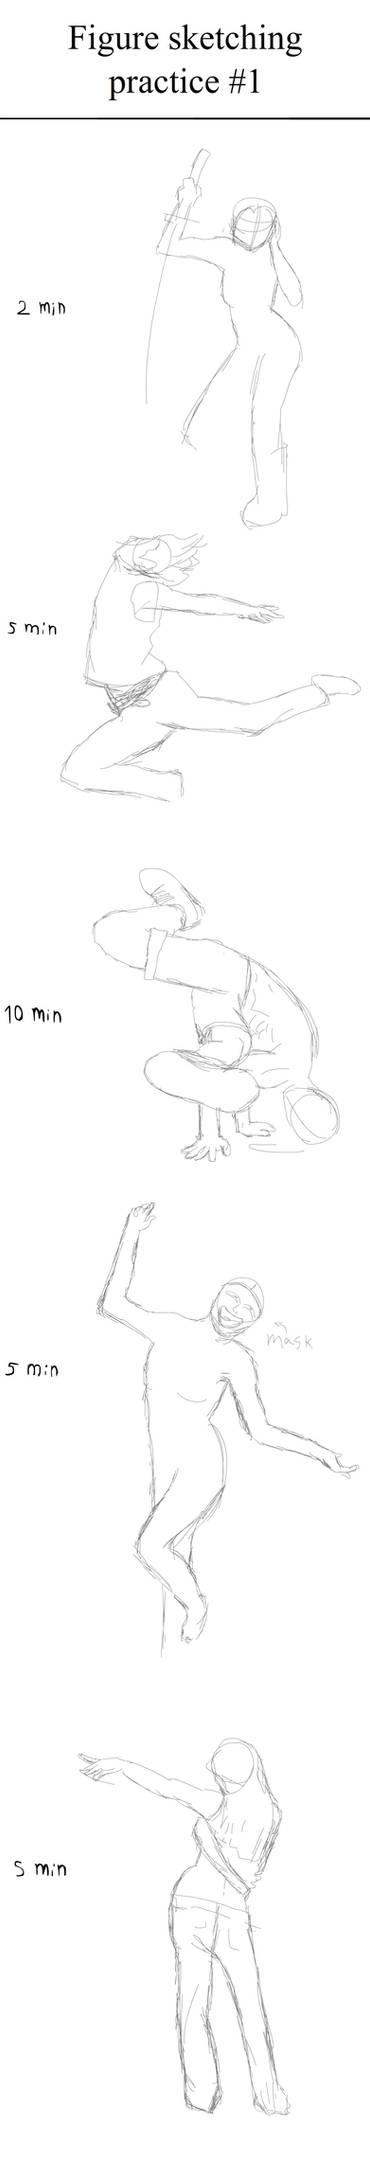 Figure sketching practice #1